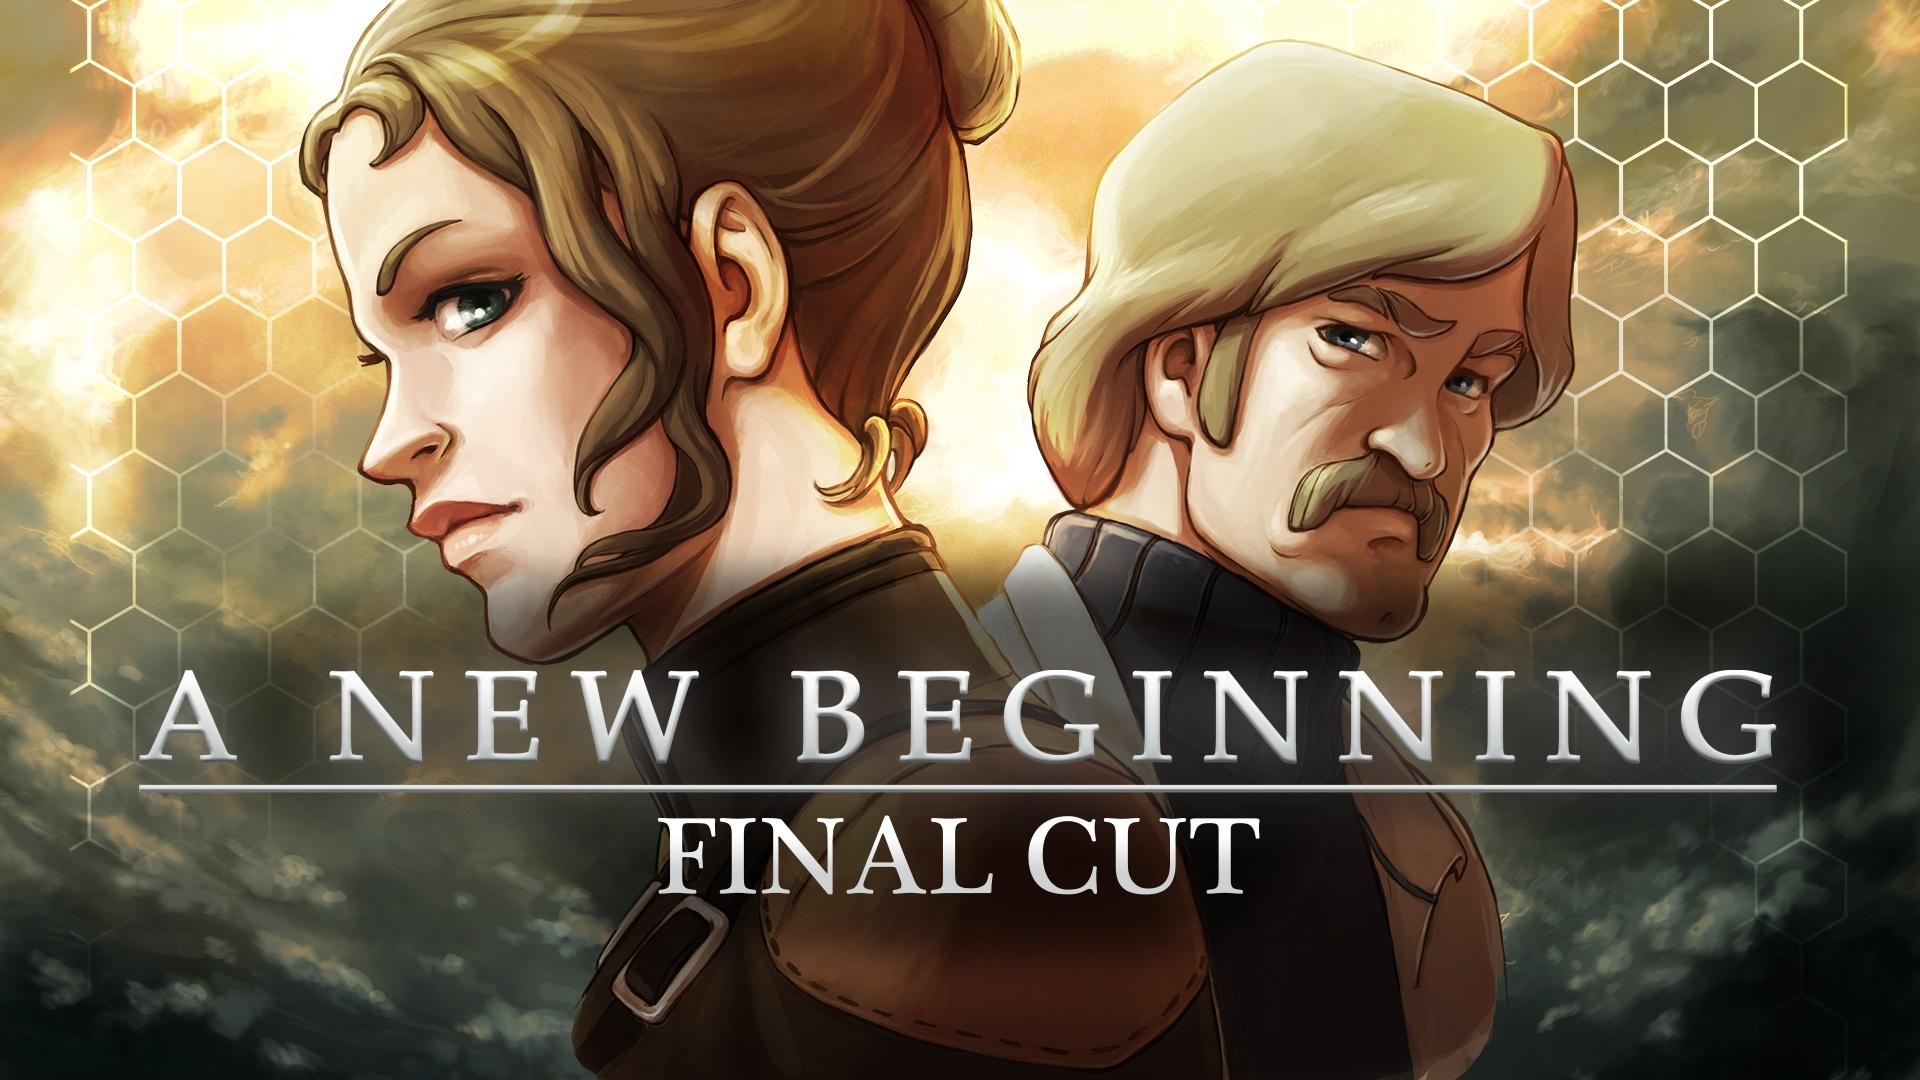 A New Beginning - Final Cut | Mac PC Steam jogos | Fanatical